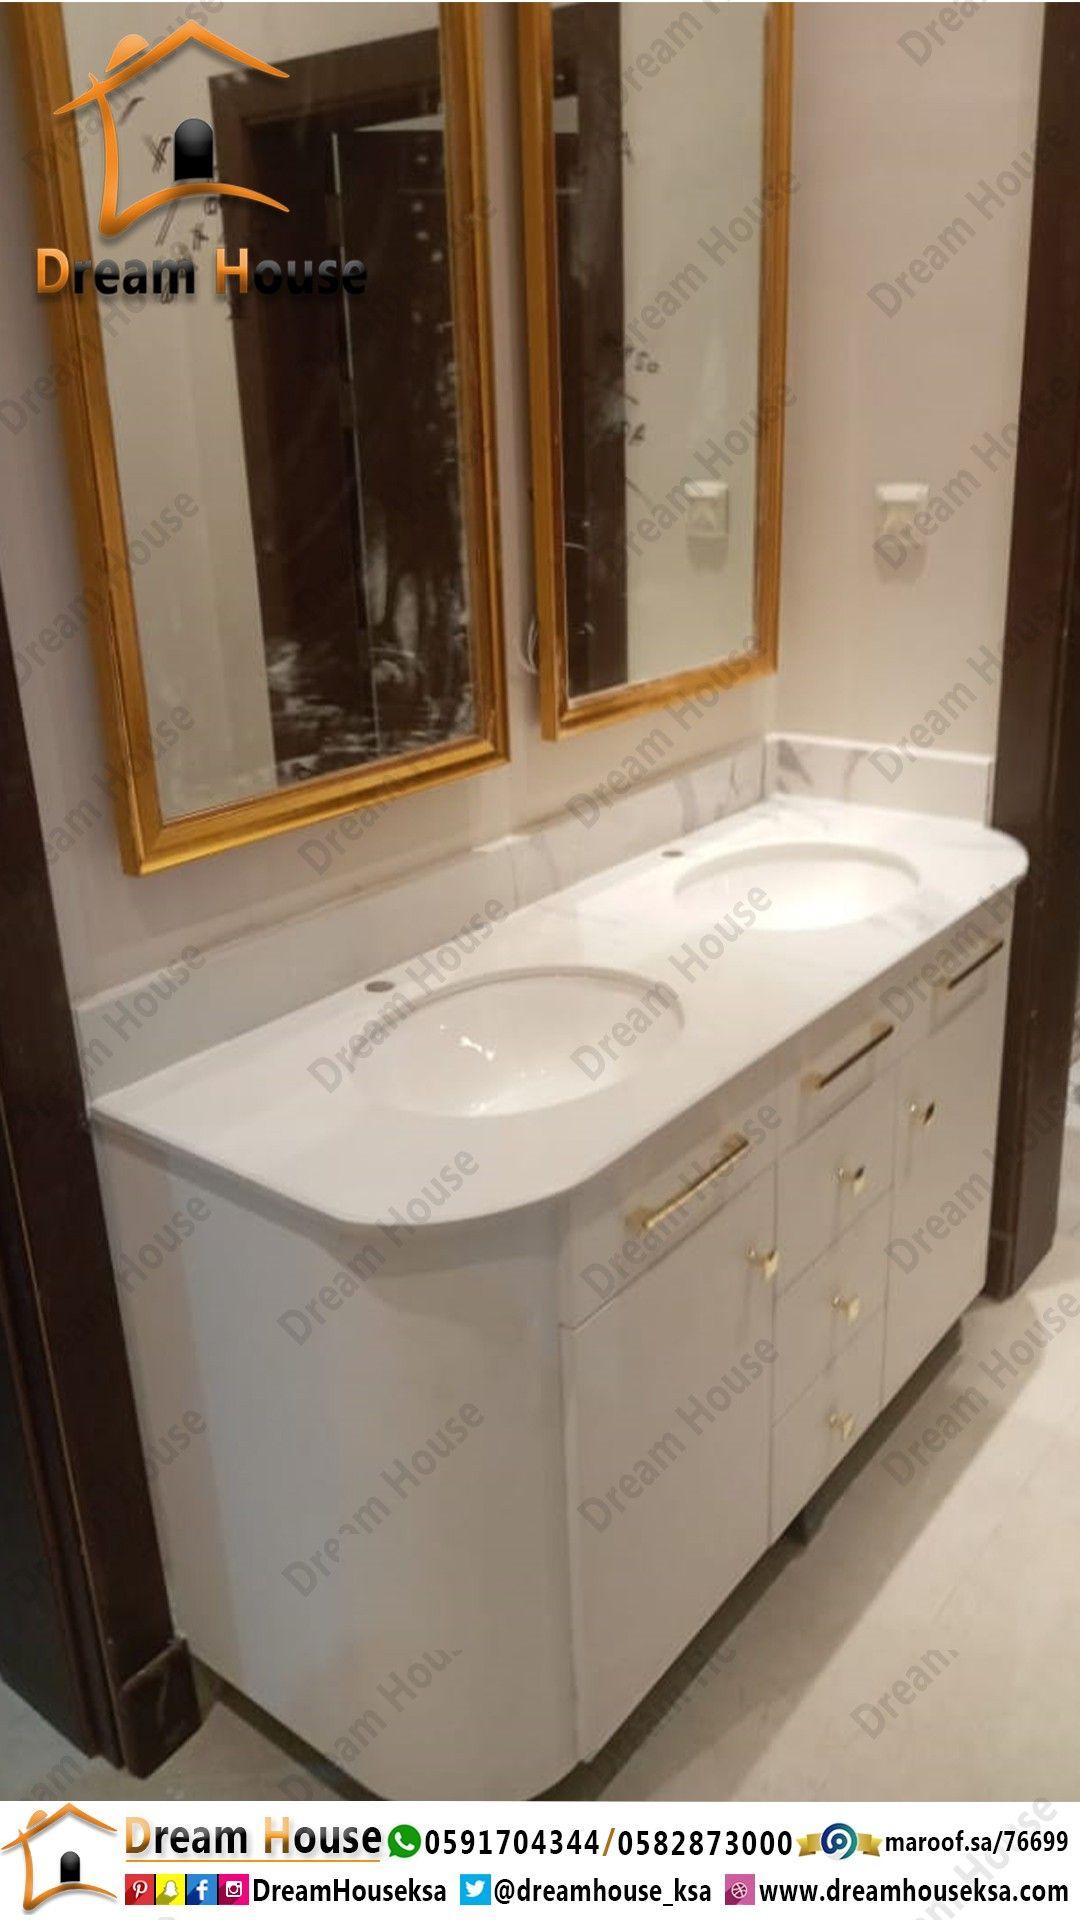 مغاسل راقية من الرخام الطبيعي بألوان متعددة وأشكال مختلفة In 2021 Home Room Design House Rooms Corner Bathtub